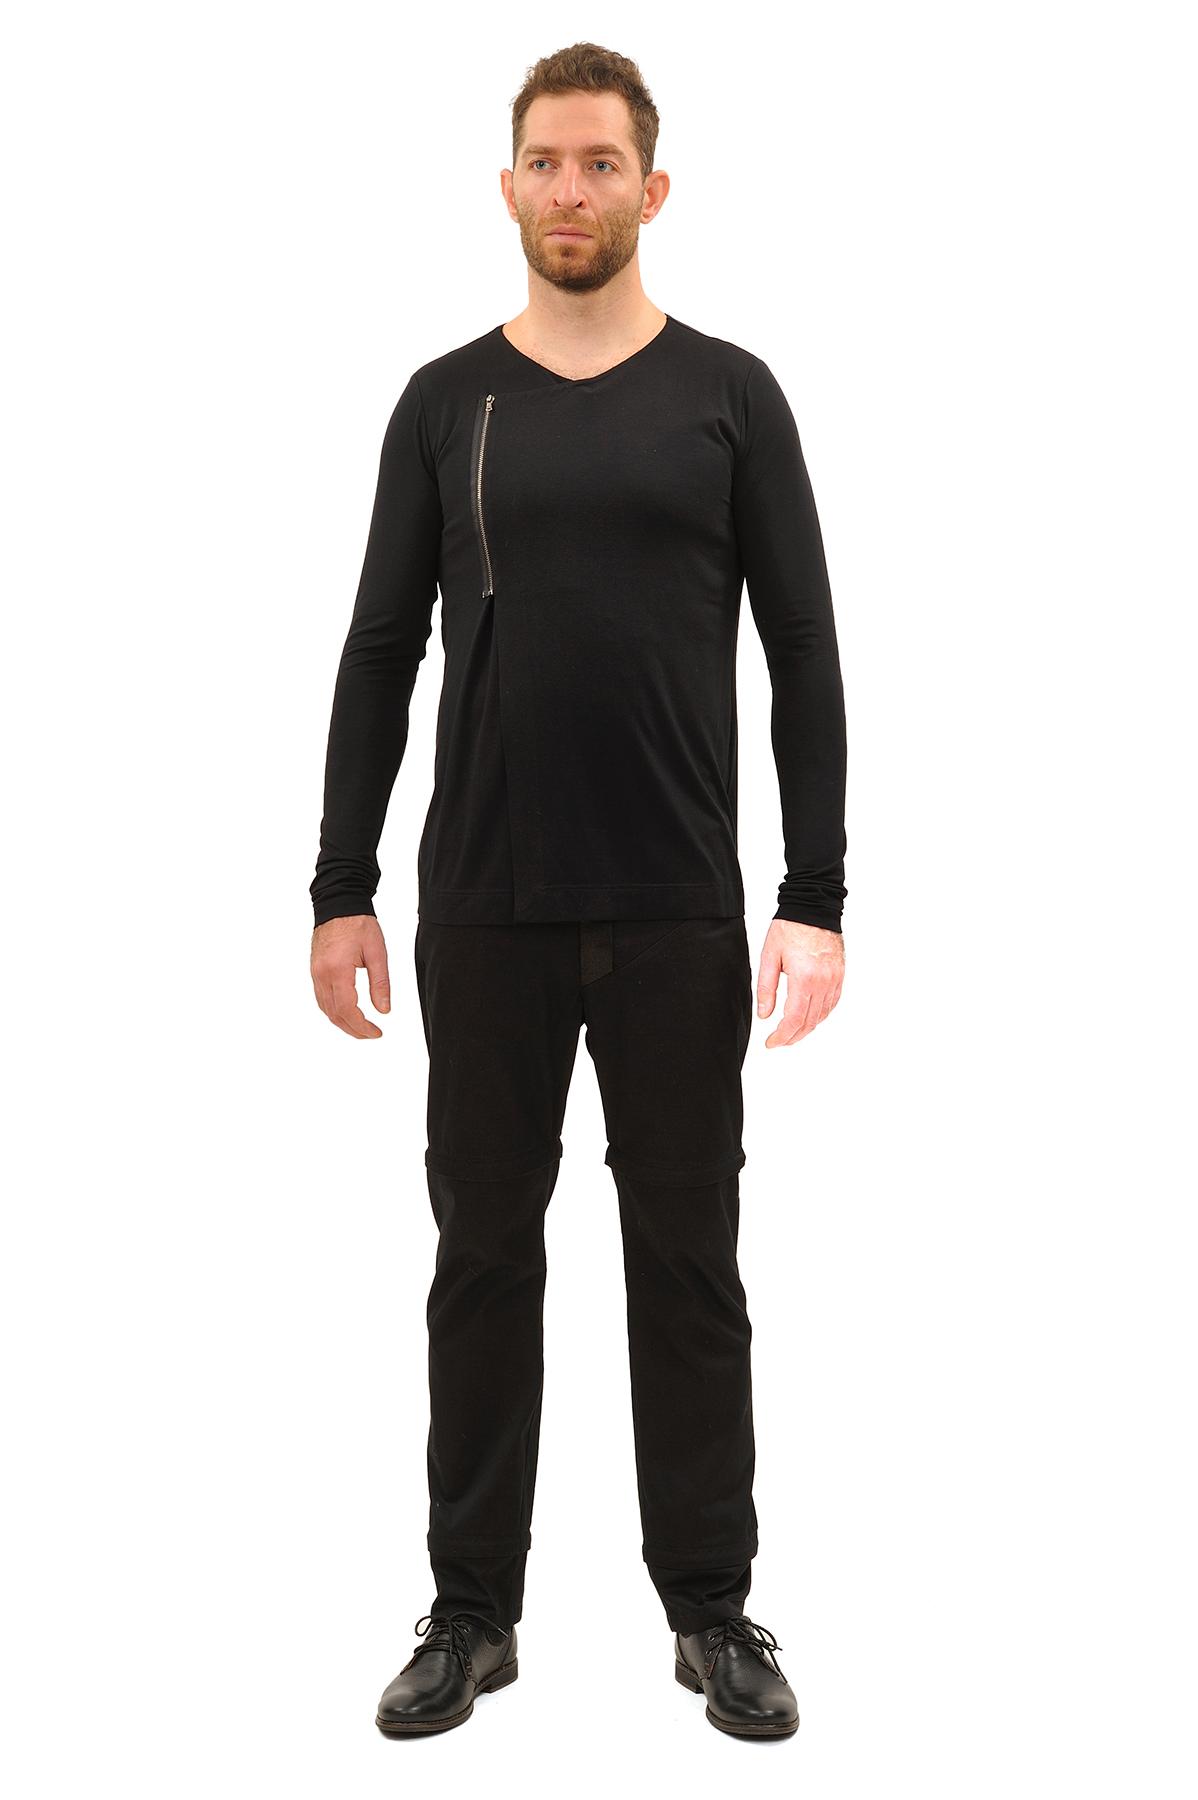 ЛонгсливМужские футболки, джемпера<br>Лонгслив бренда Pavel Yerokin выполнен из вискозного материала. Особенности: прямой крой, асимметричная застежка-молния.<br><br>Цвет: черный<br>Состав: Вискоза - 92%, Лайкра - 8%<br>Размер: 44,46,48,50,52<br>Страна дизайна: Россия<br>Страна производства: Россия